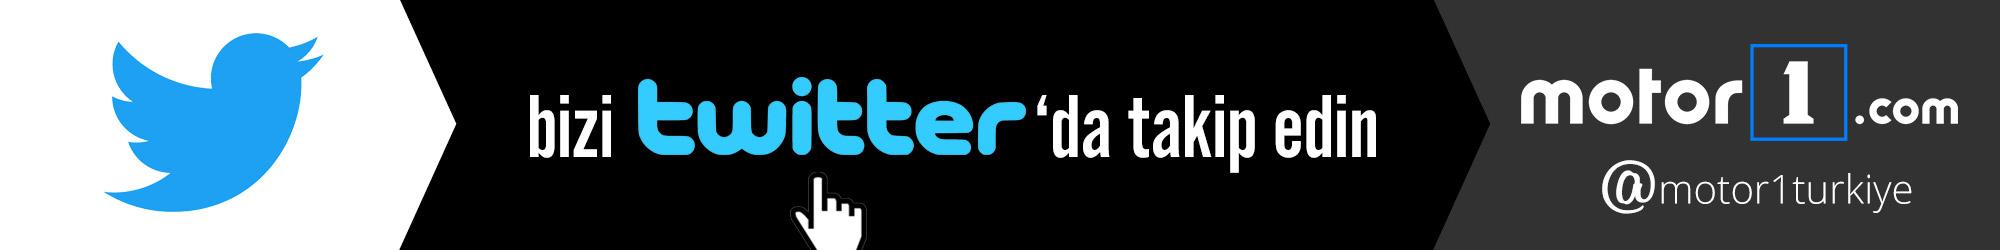 Motor1 Türkiye Twitter